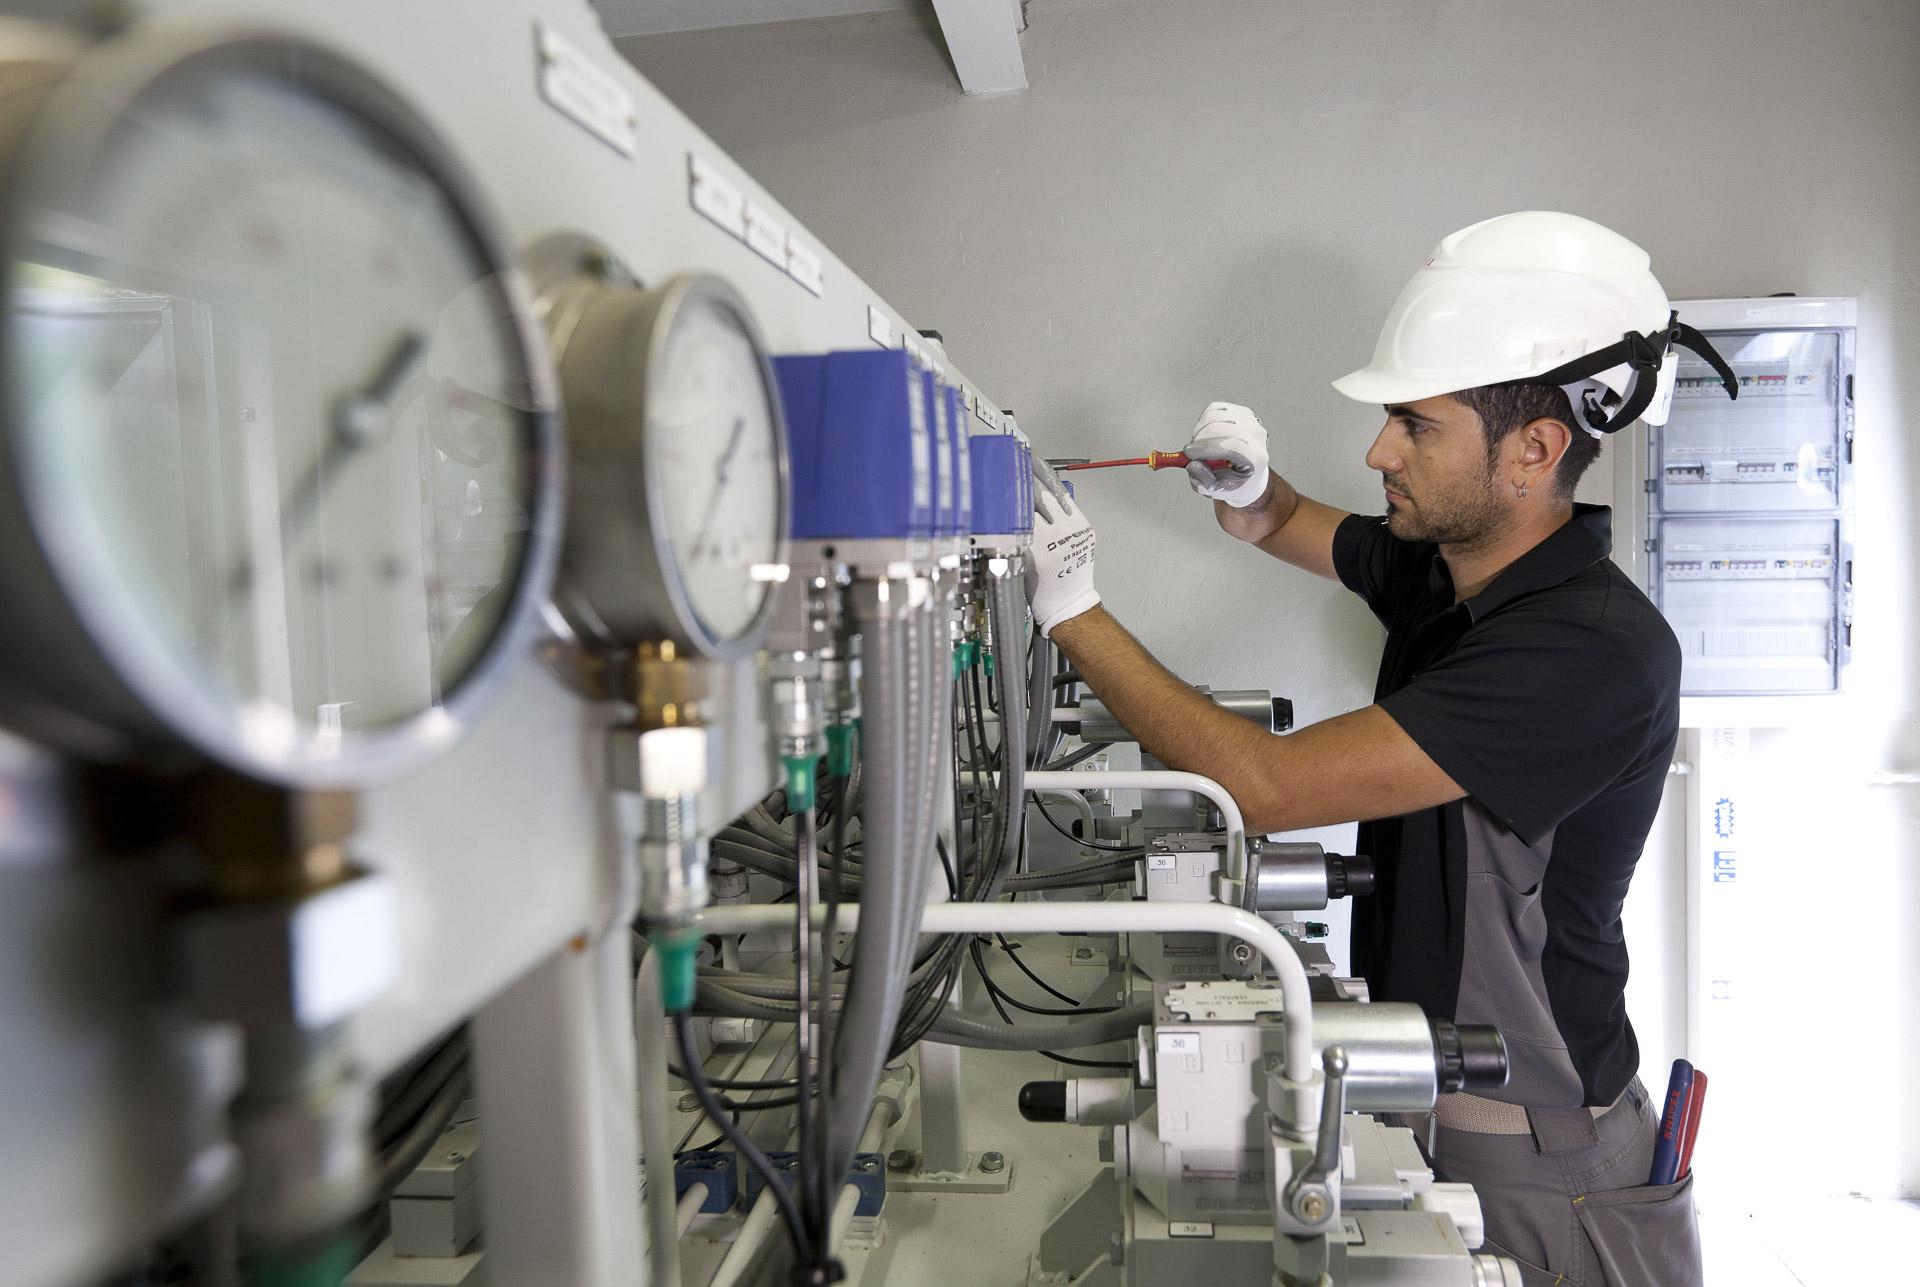 Centrale di produzione energia elettrica rinnovabile di Bard Gruppo CVA